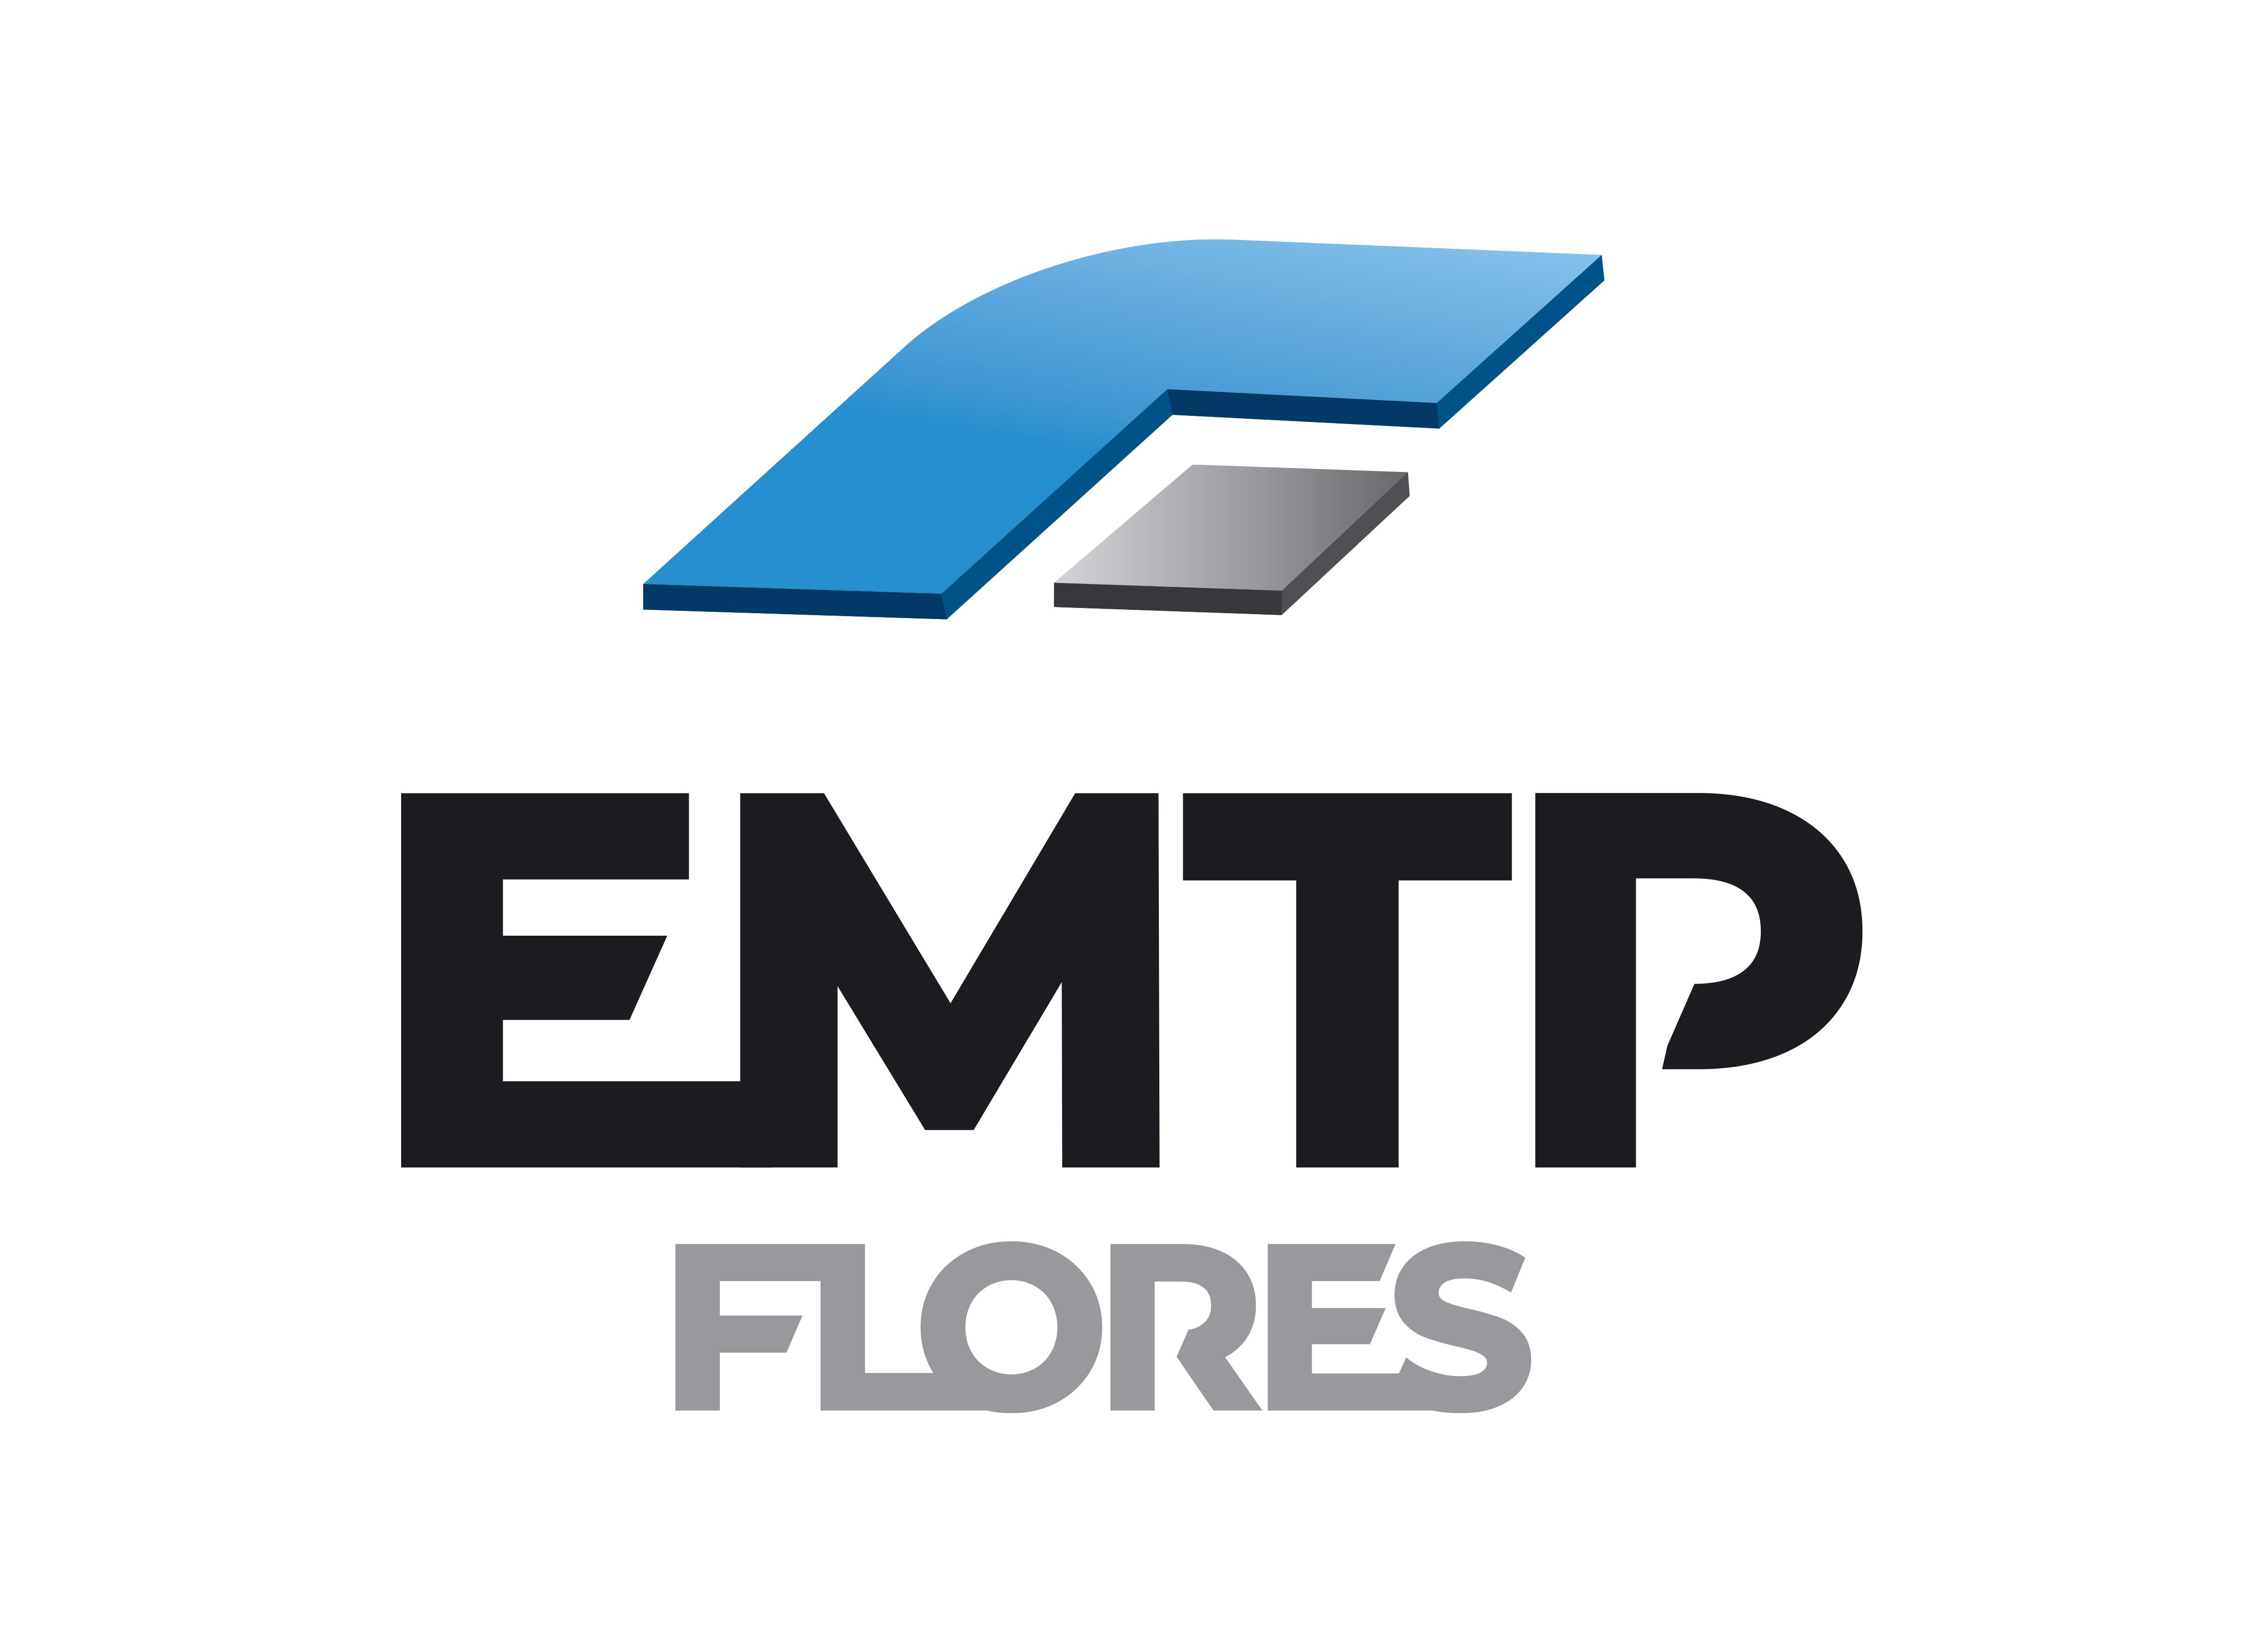 EMTP-Flores